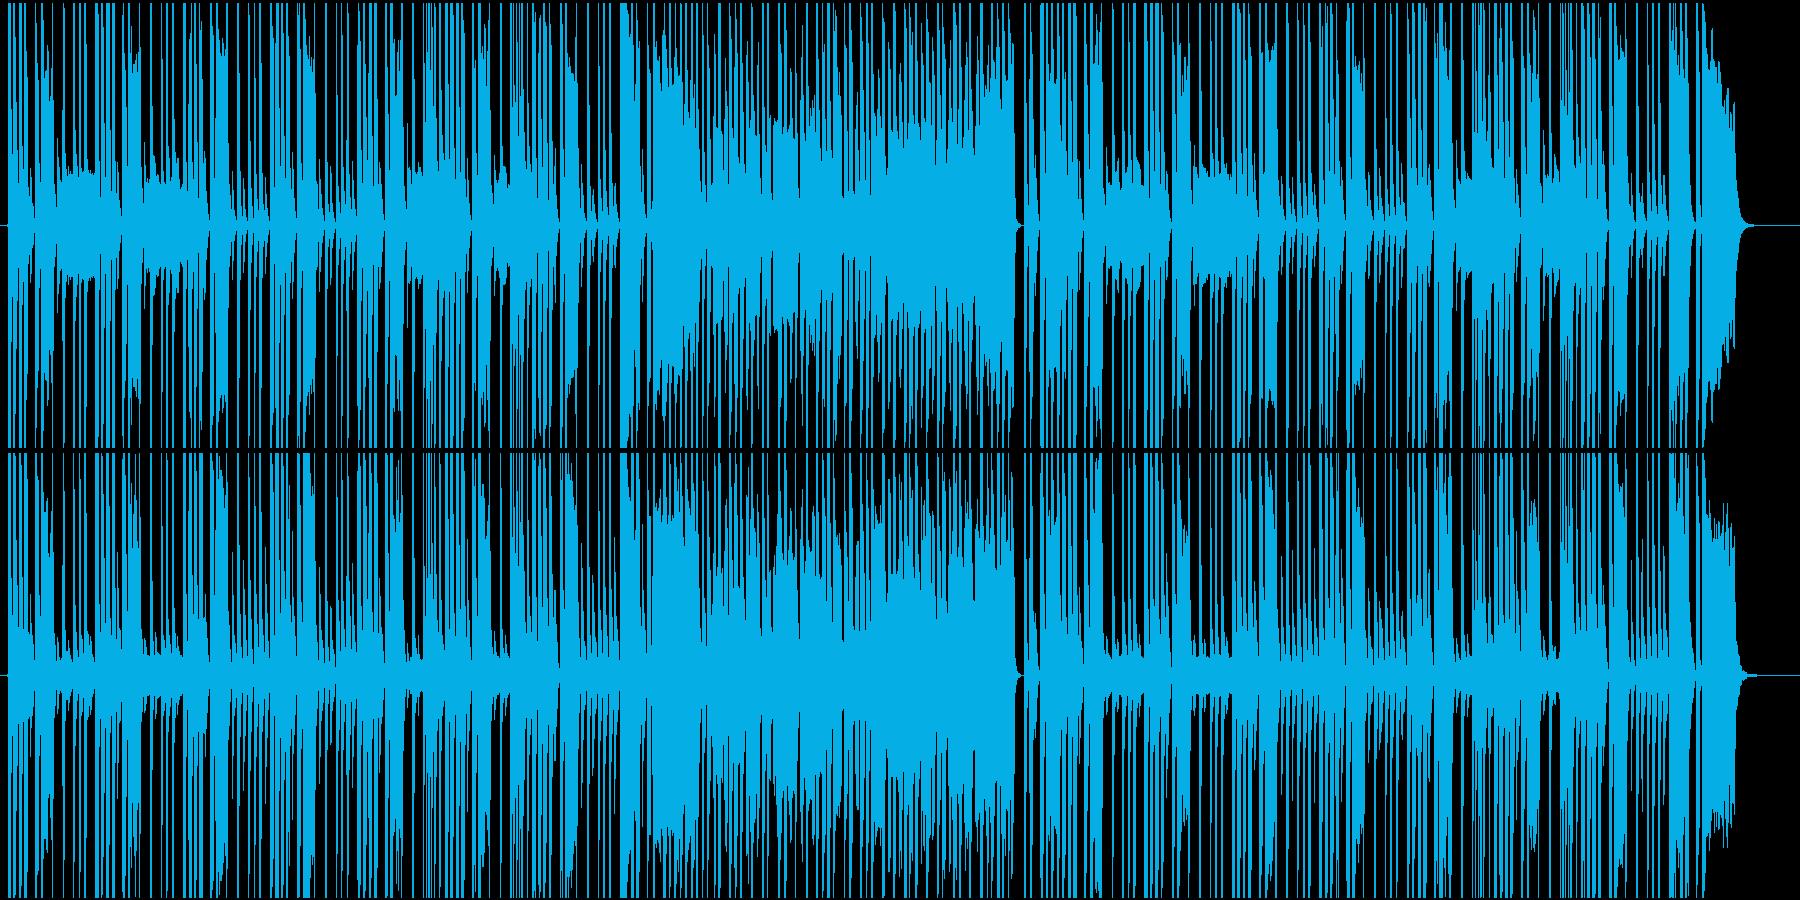 アニメ CM コミカル 軽快 おとぼけの再生済みの波形